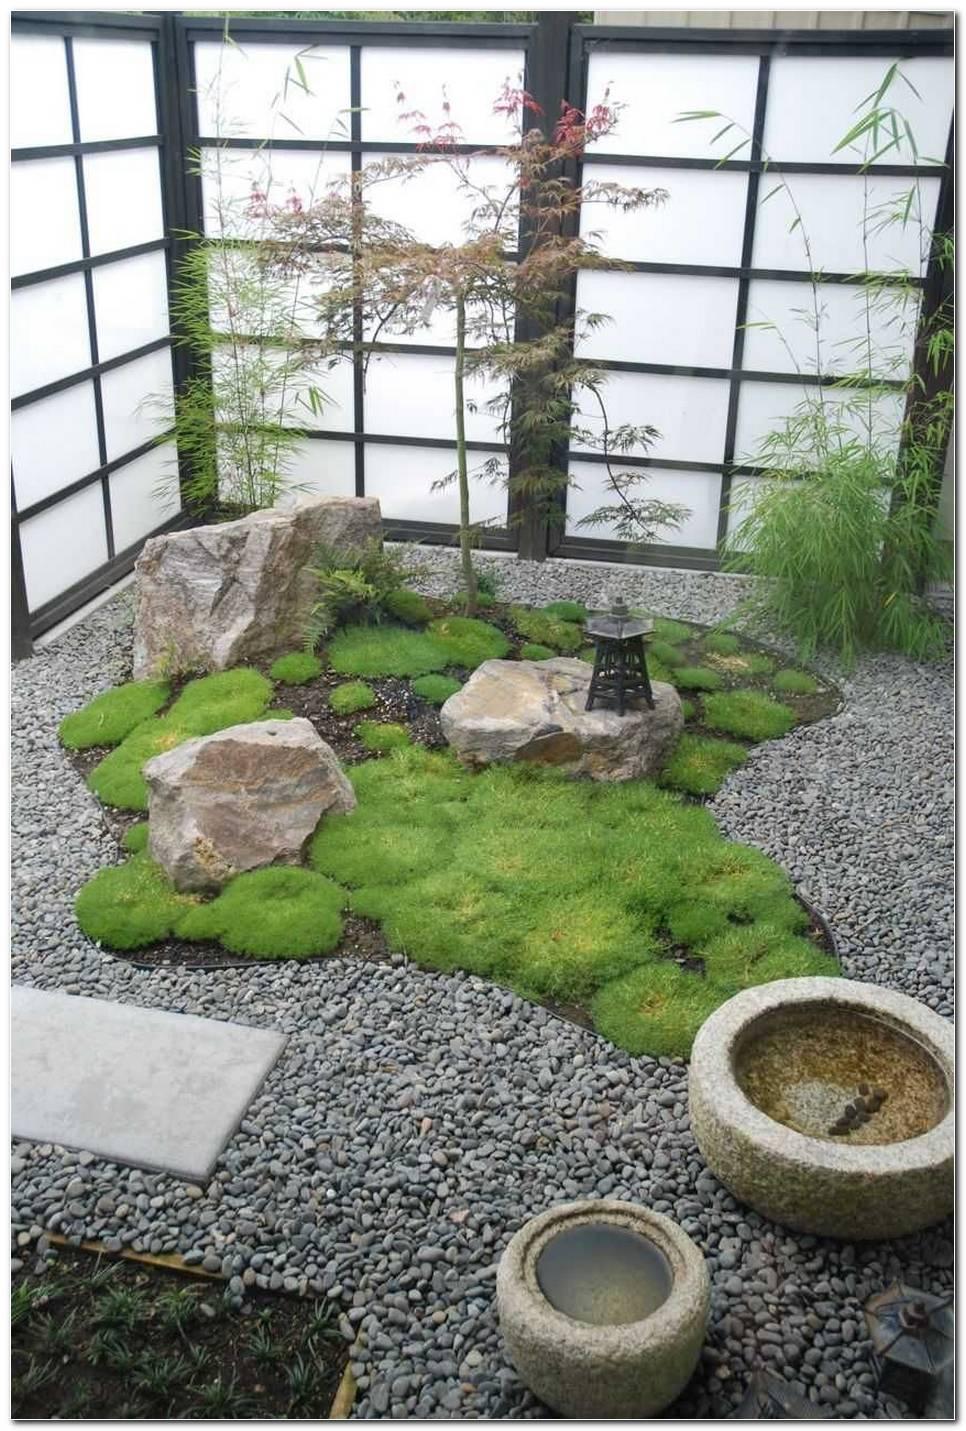 Jardim Japon%C3%AAs 60 Fotos Para Criar Um Espa%C3%A7o Incr%C3%ADvel